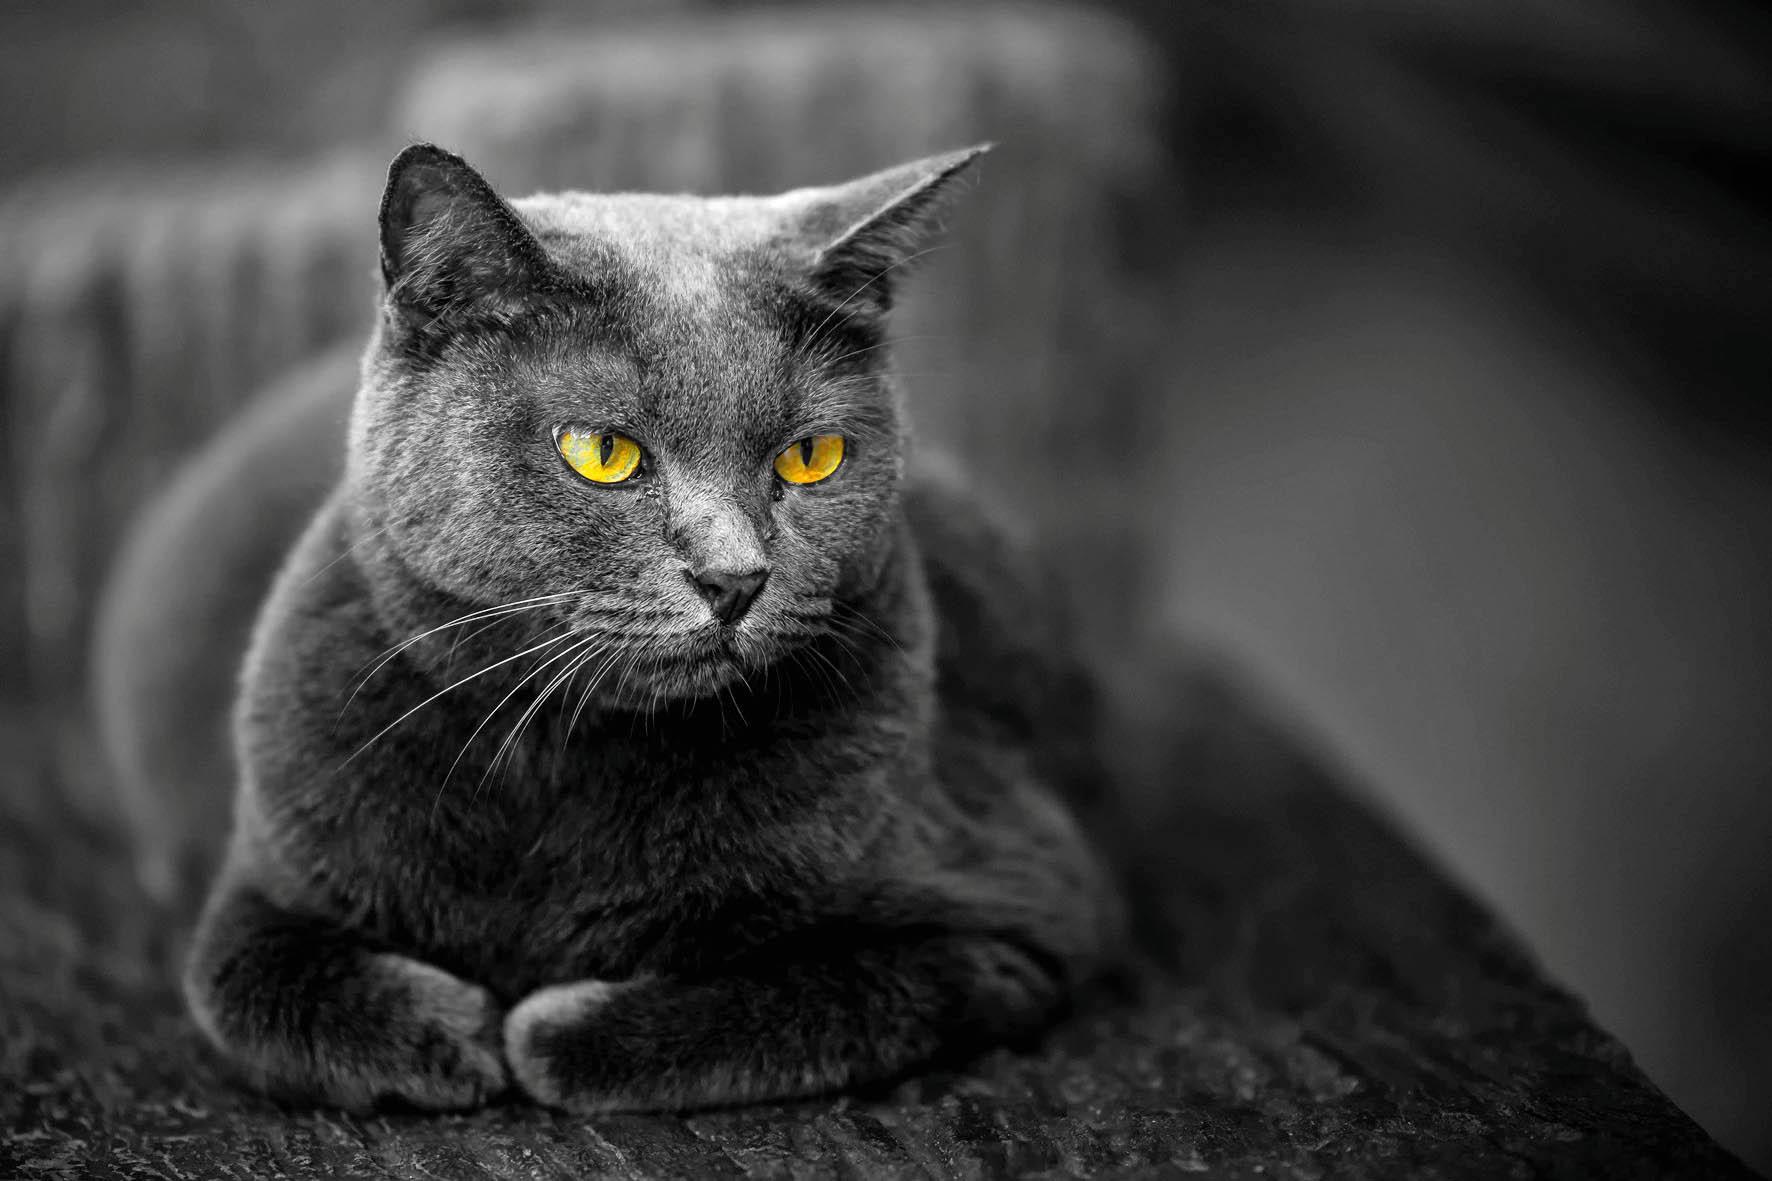 Ačkoli kočky mají jinou povahu než psi, najdou se mezi nimi takové, které svého člověka po příchodu domů naprosto srozumitelně vítají.